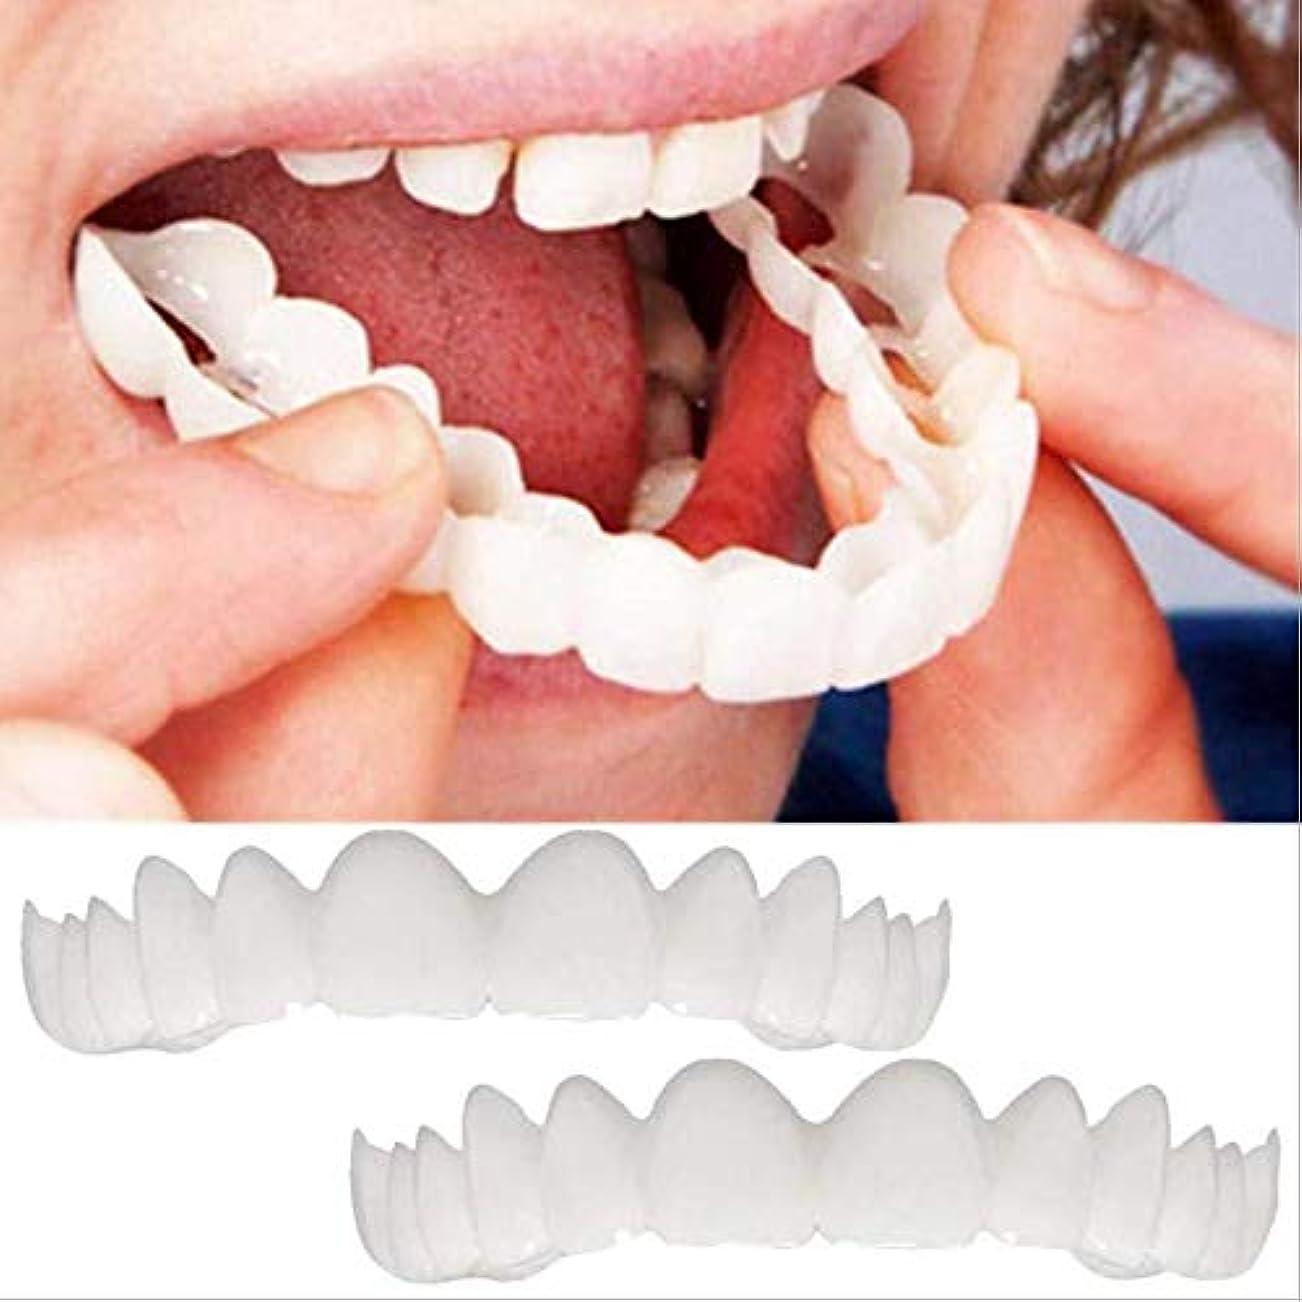 一握り未使用帰るシリコーンシミュレーション義歯用化粧歯、白歯セット(2PCS)で覆われています,A